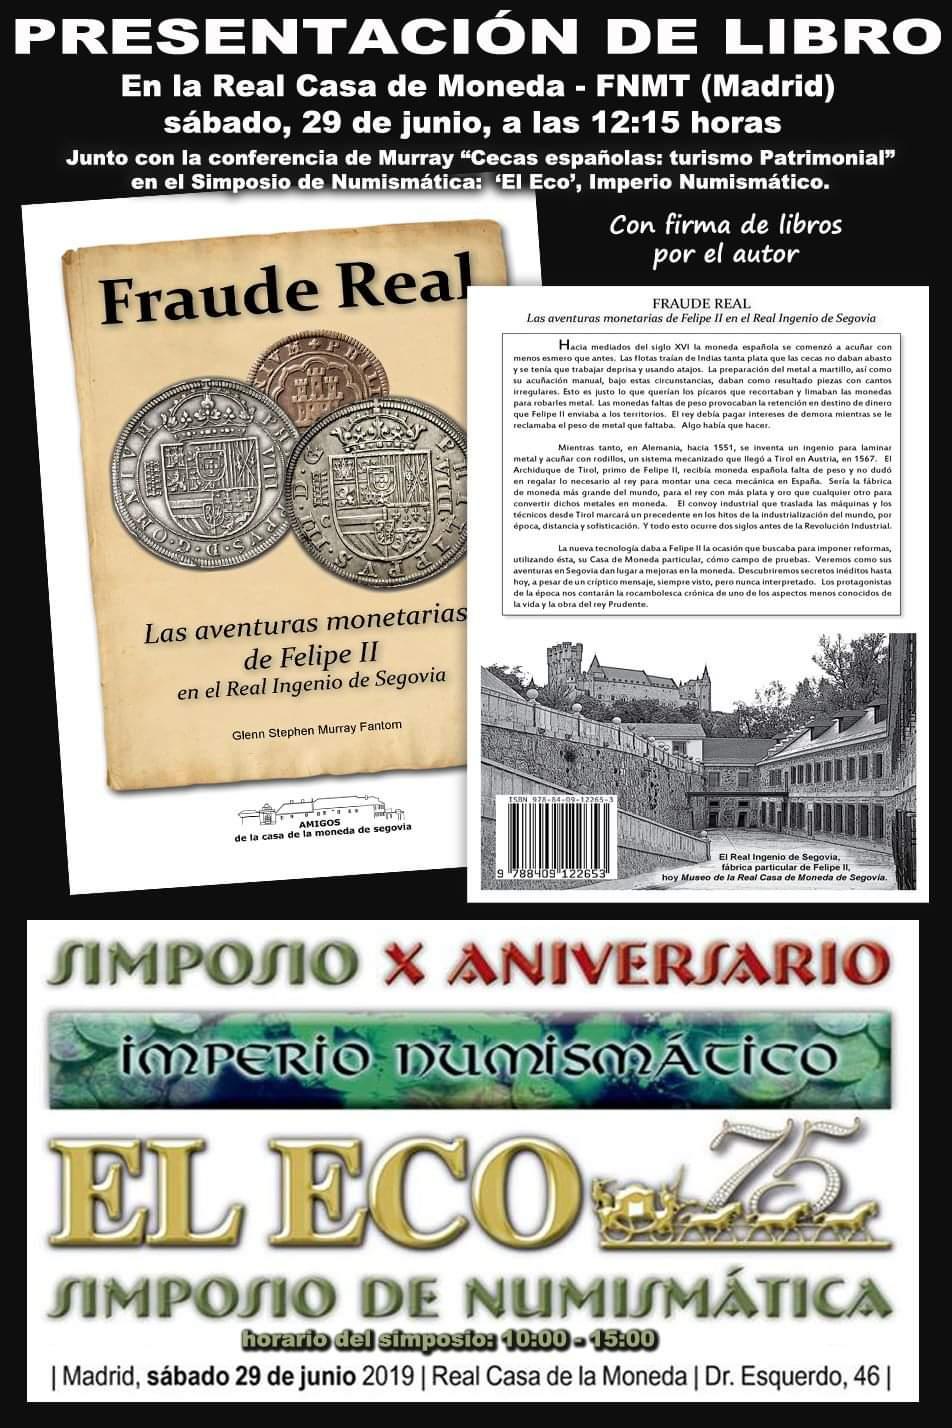 I Quedada del foro/Simposio Numismático (Madrid, 29 junio). - Página 3 62348010